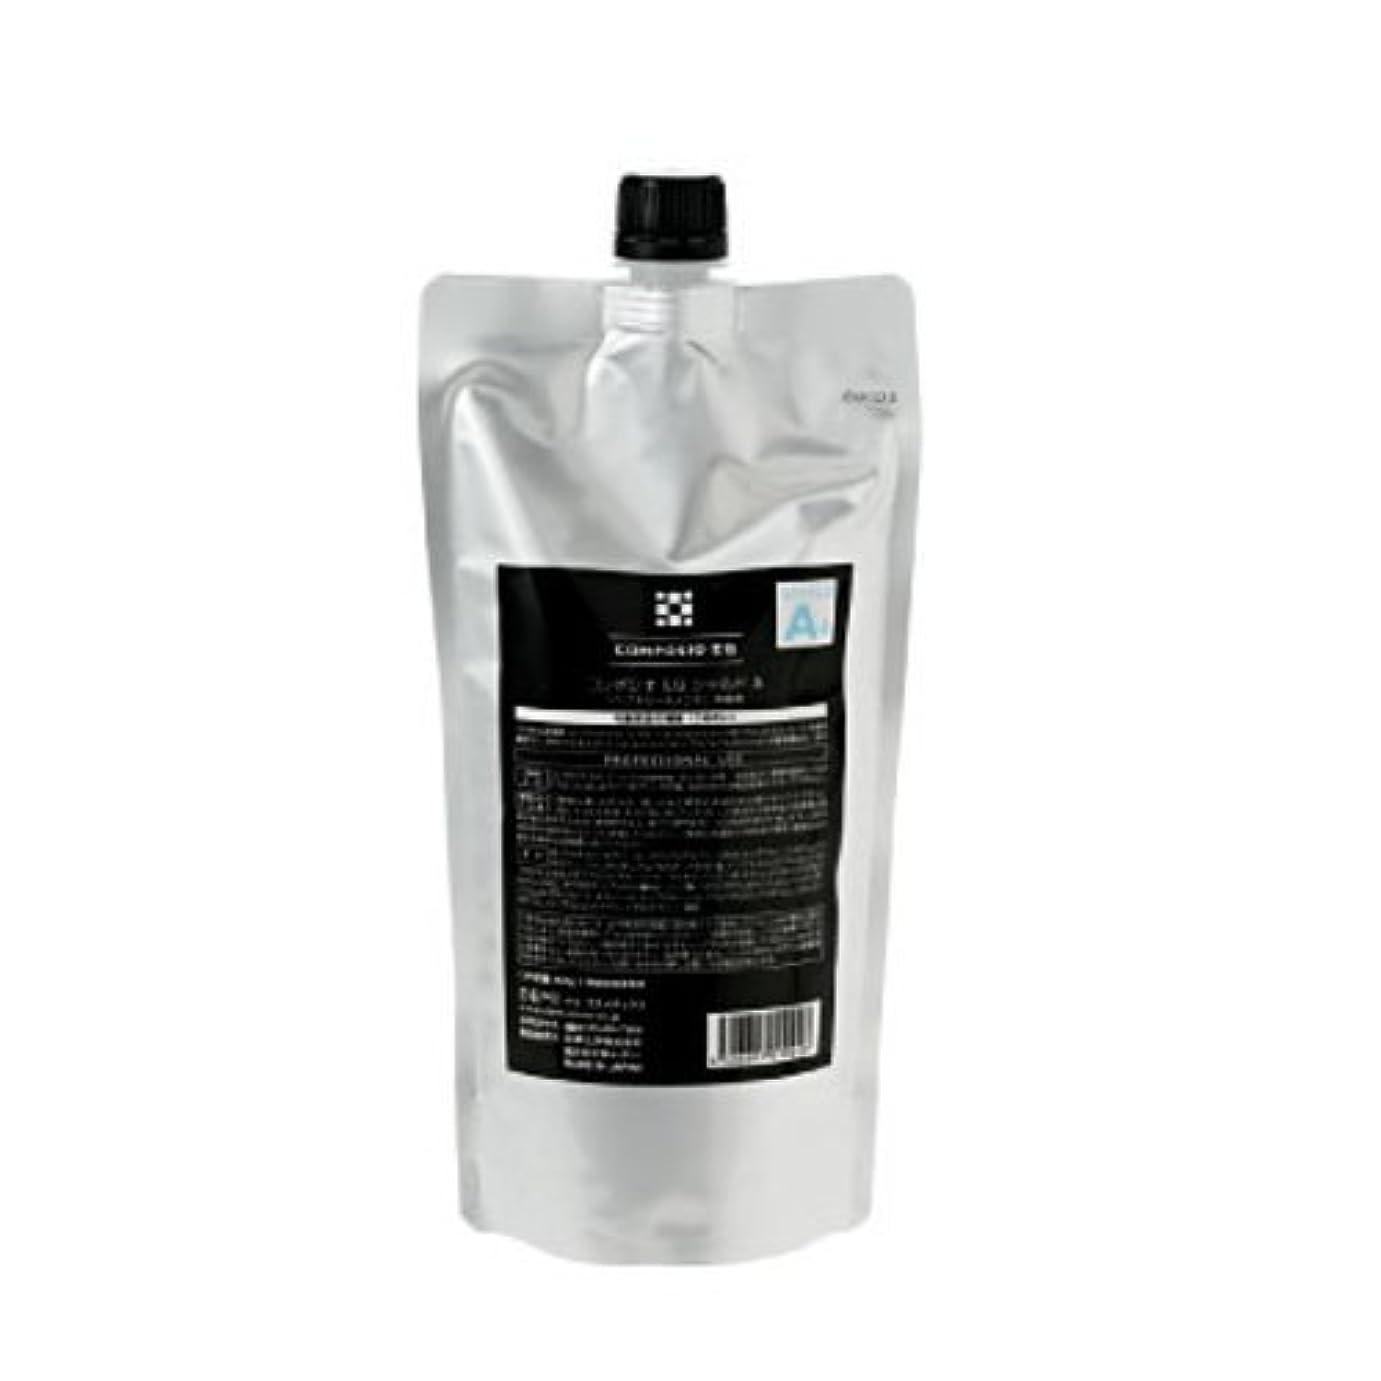 入植者調和貨物DEMI (デミ) コンポジオ EQ シールド A 450g レフィル